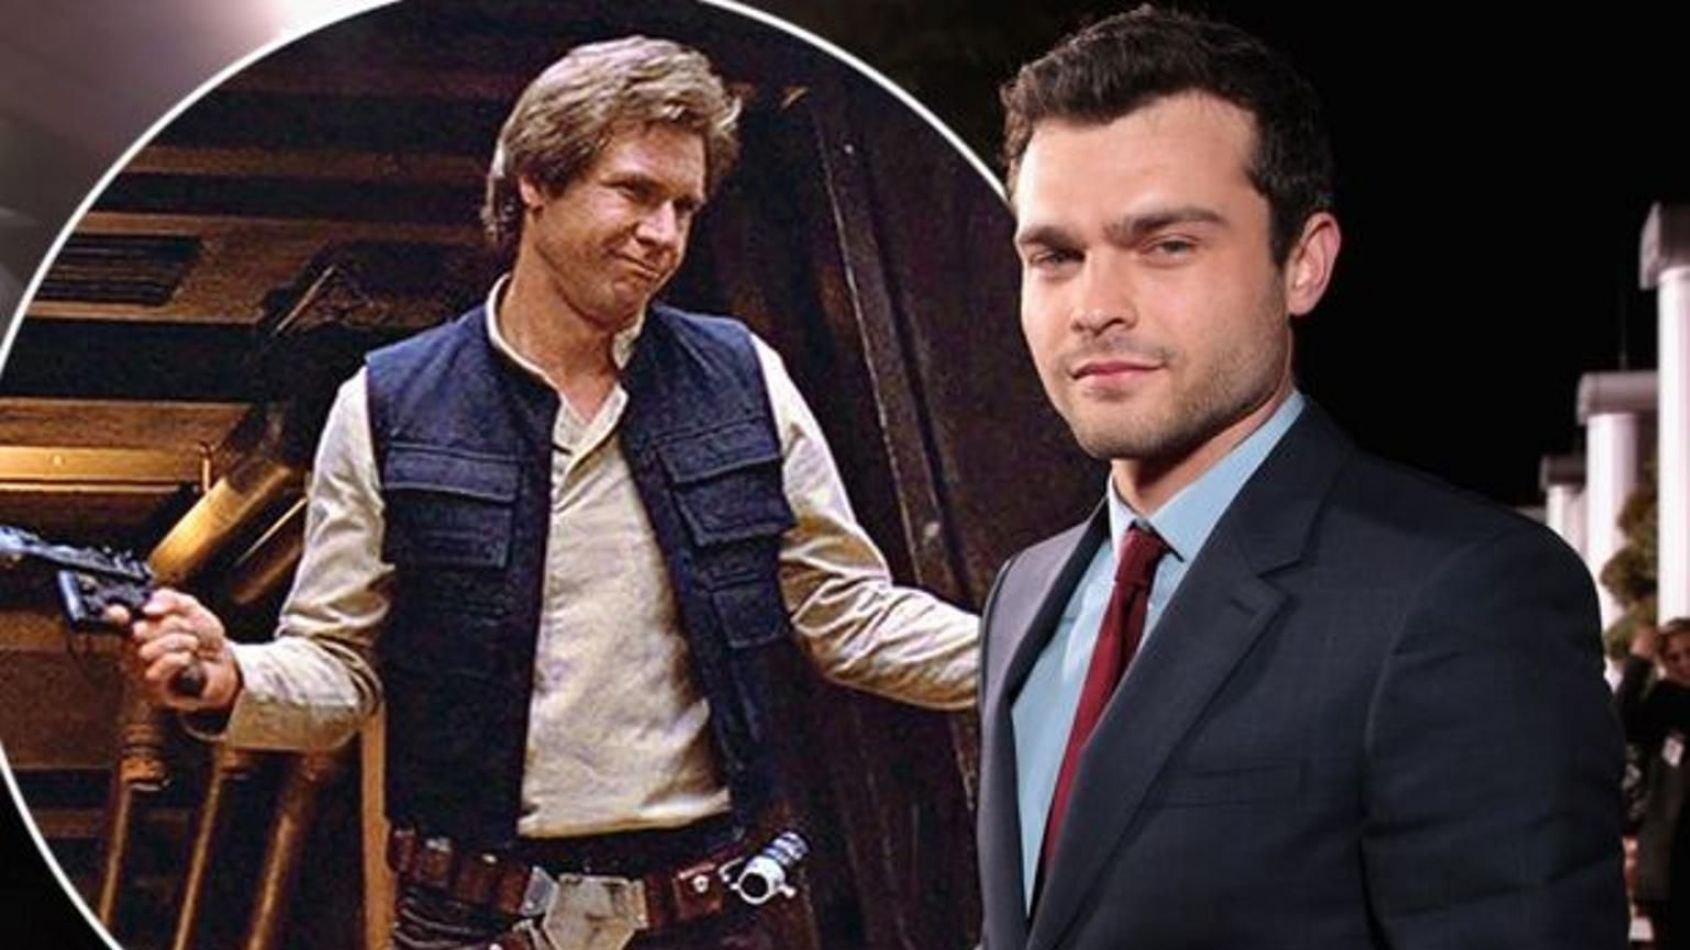 LucasFilm mécontent de la performance d'Alden Ehrenreich en Han Solo